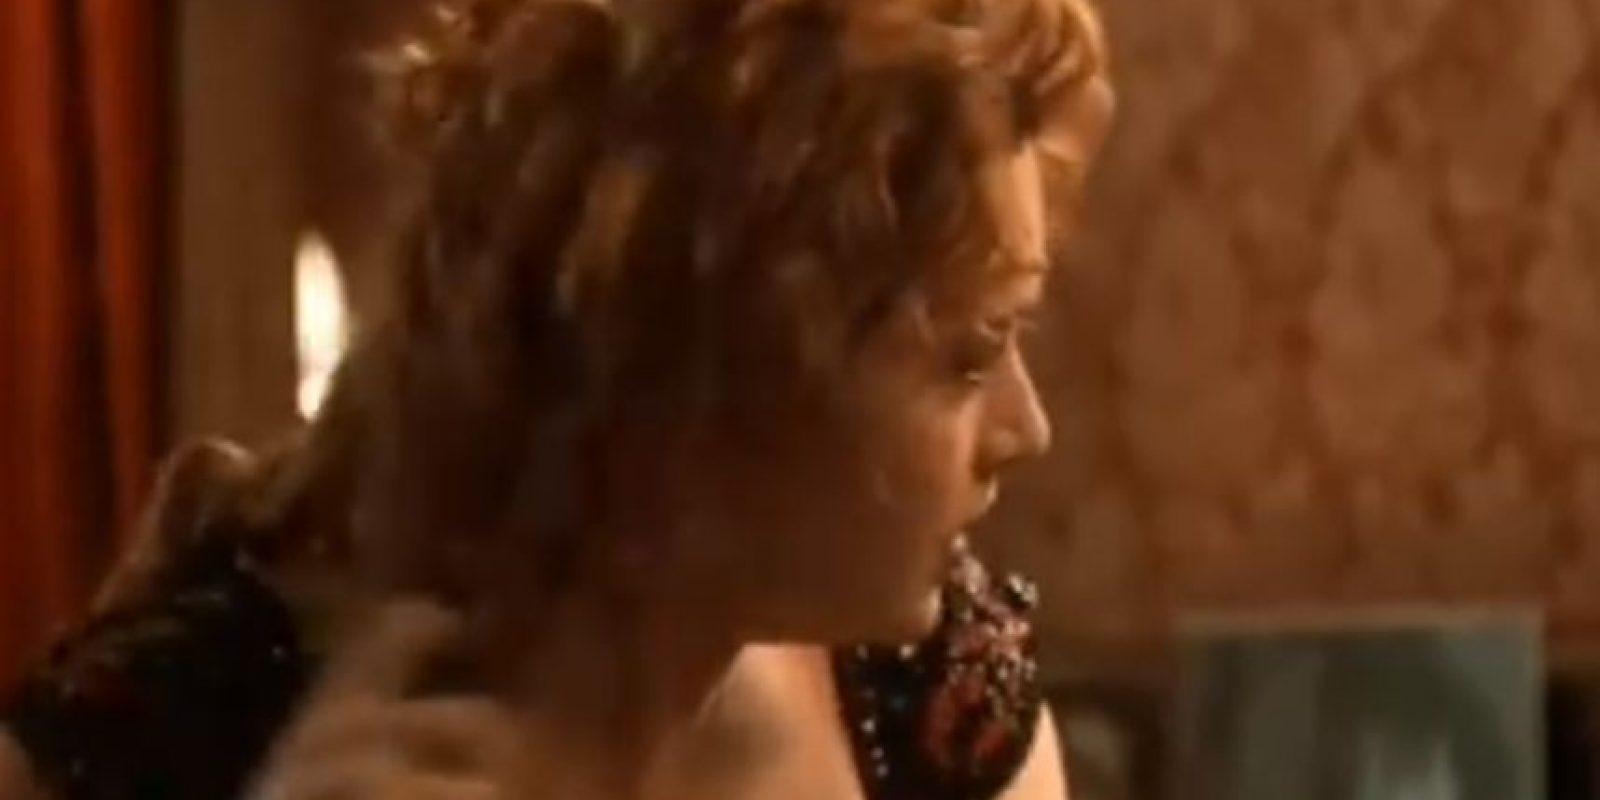 Desesperada por estar así y no hallar a su criada, comienza a quitarse todo ella misma. Luego corre a suicidarse. Foto:Fox